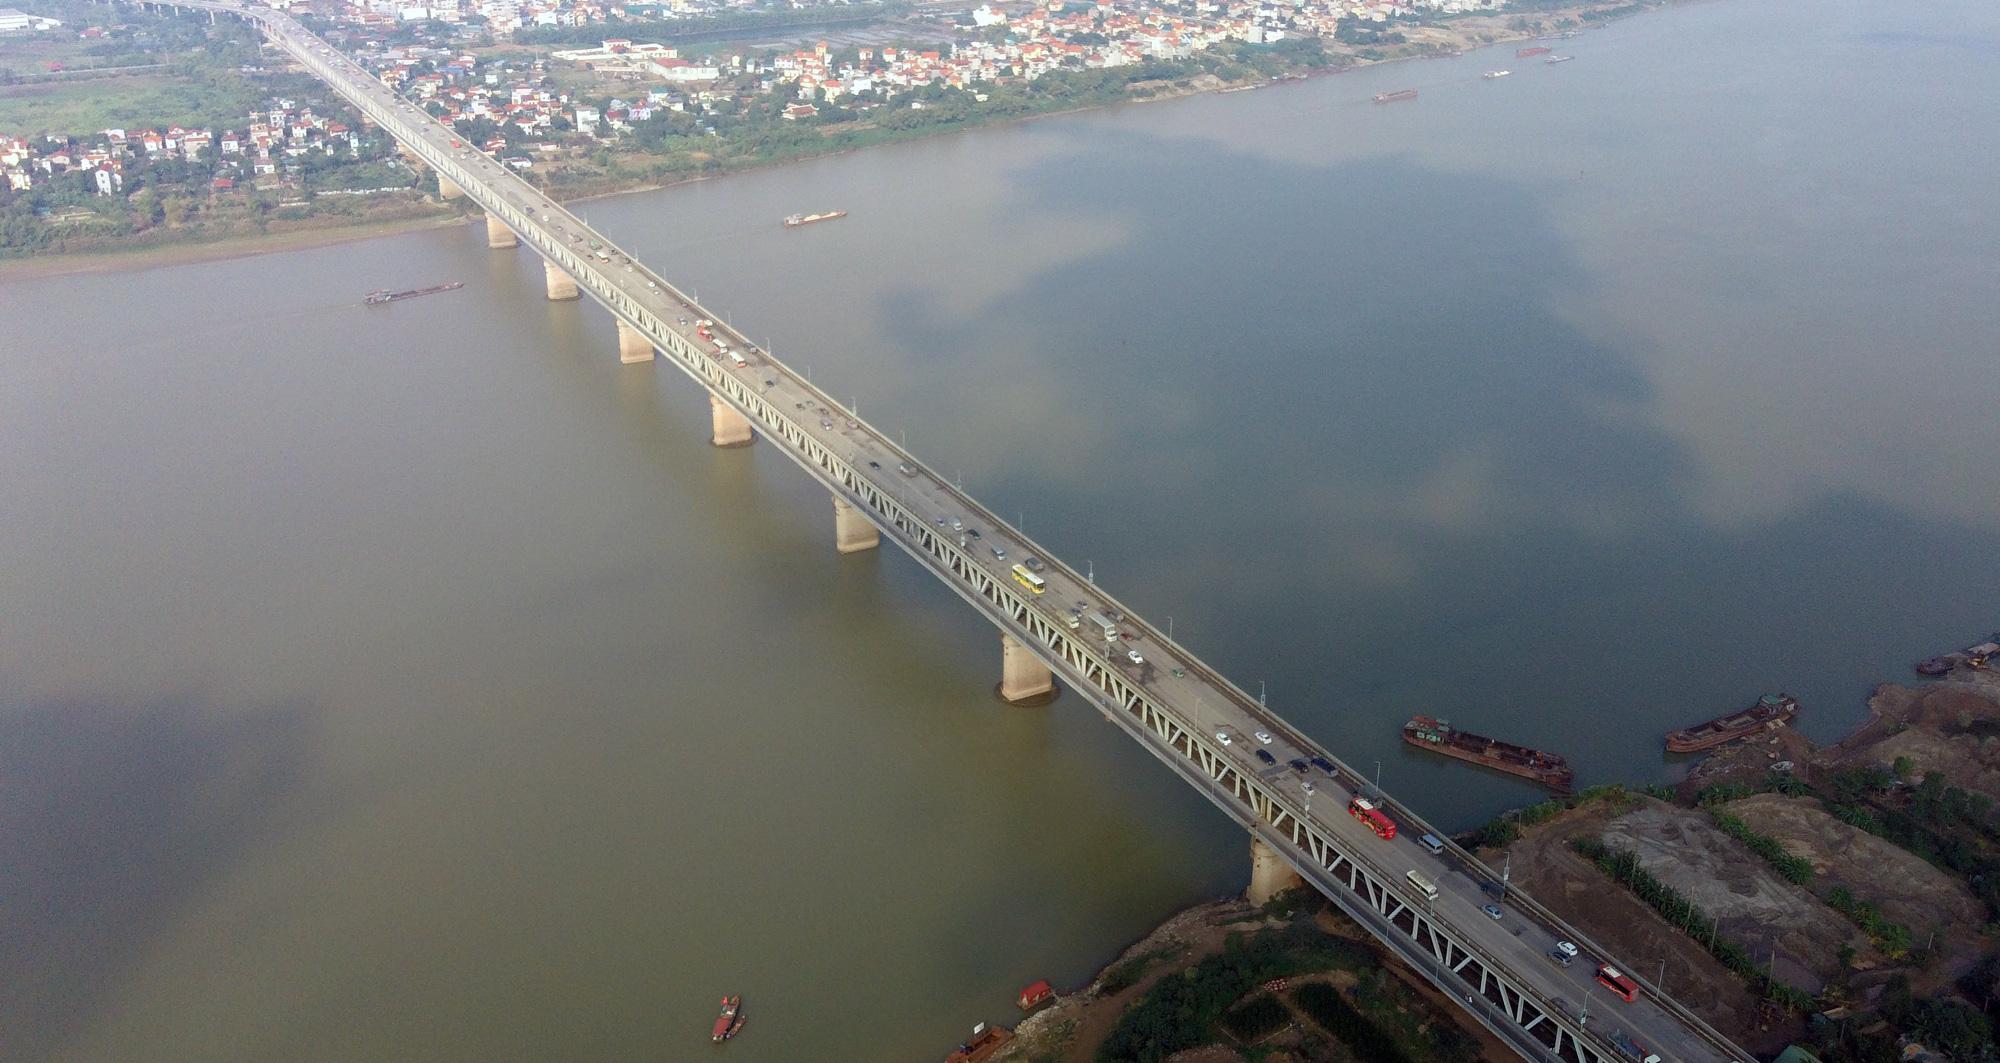 Xây cầu Vĩnh Phú qua sông Lô nối tỉnh Vĩnh Phúc với Phú Thọ - Ảnh 1.